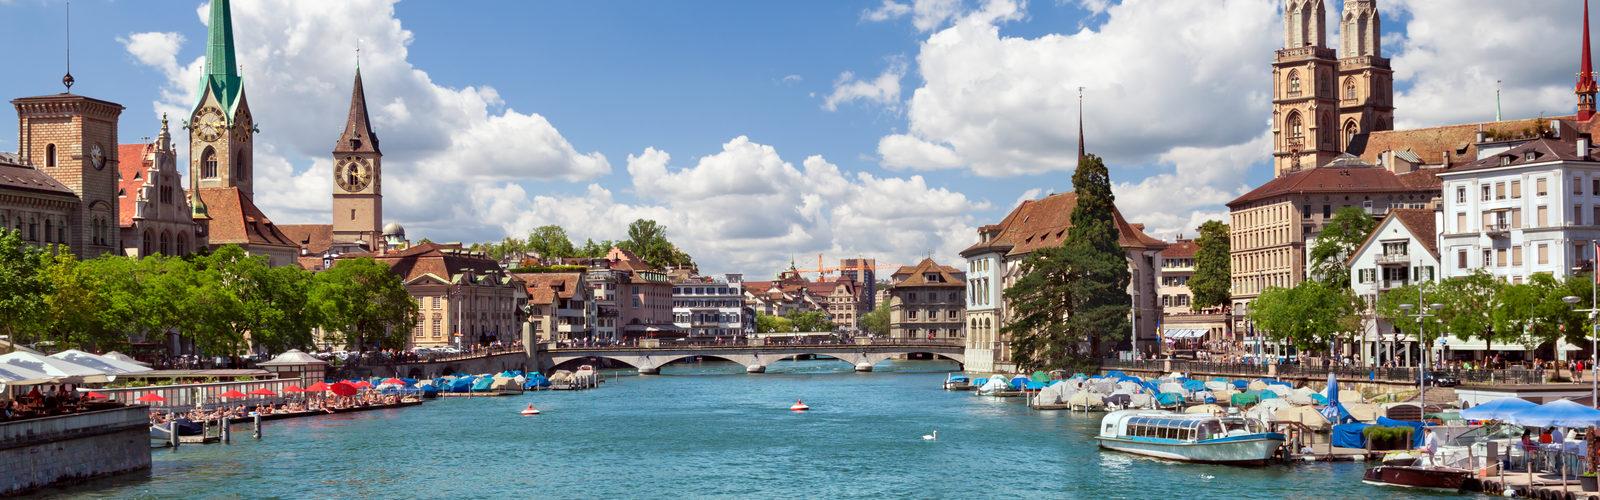 취리히 및 루체른 투어(개인차량을 통한 스위스 관광과 이동) image